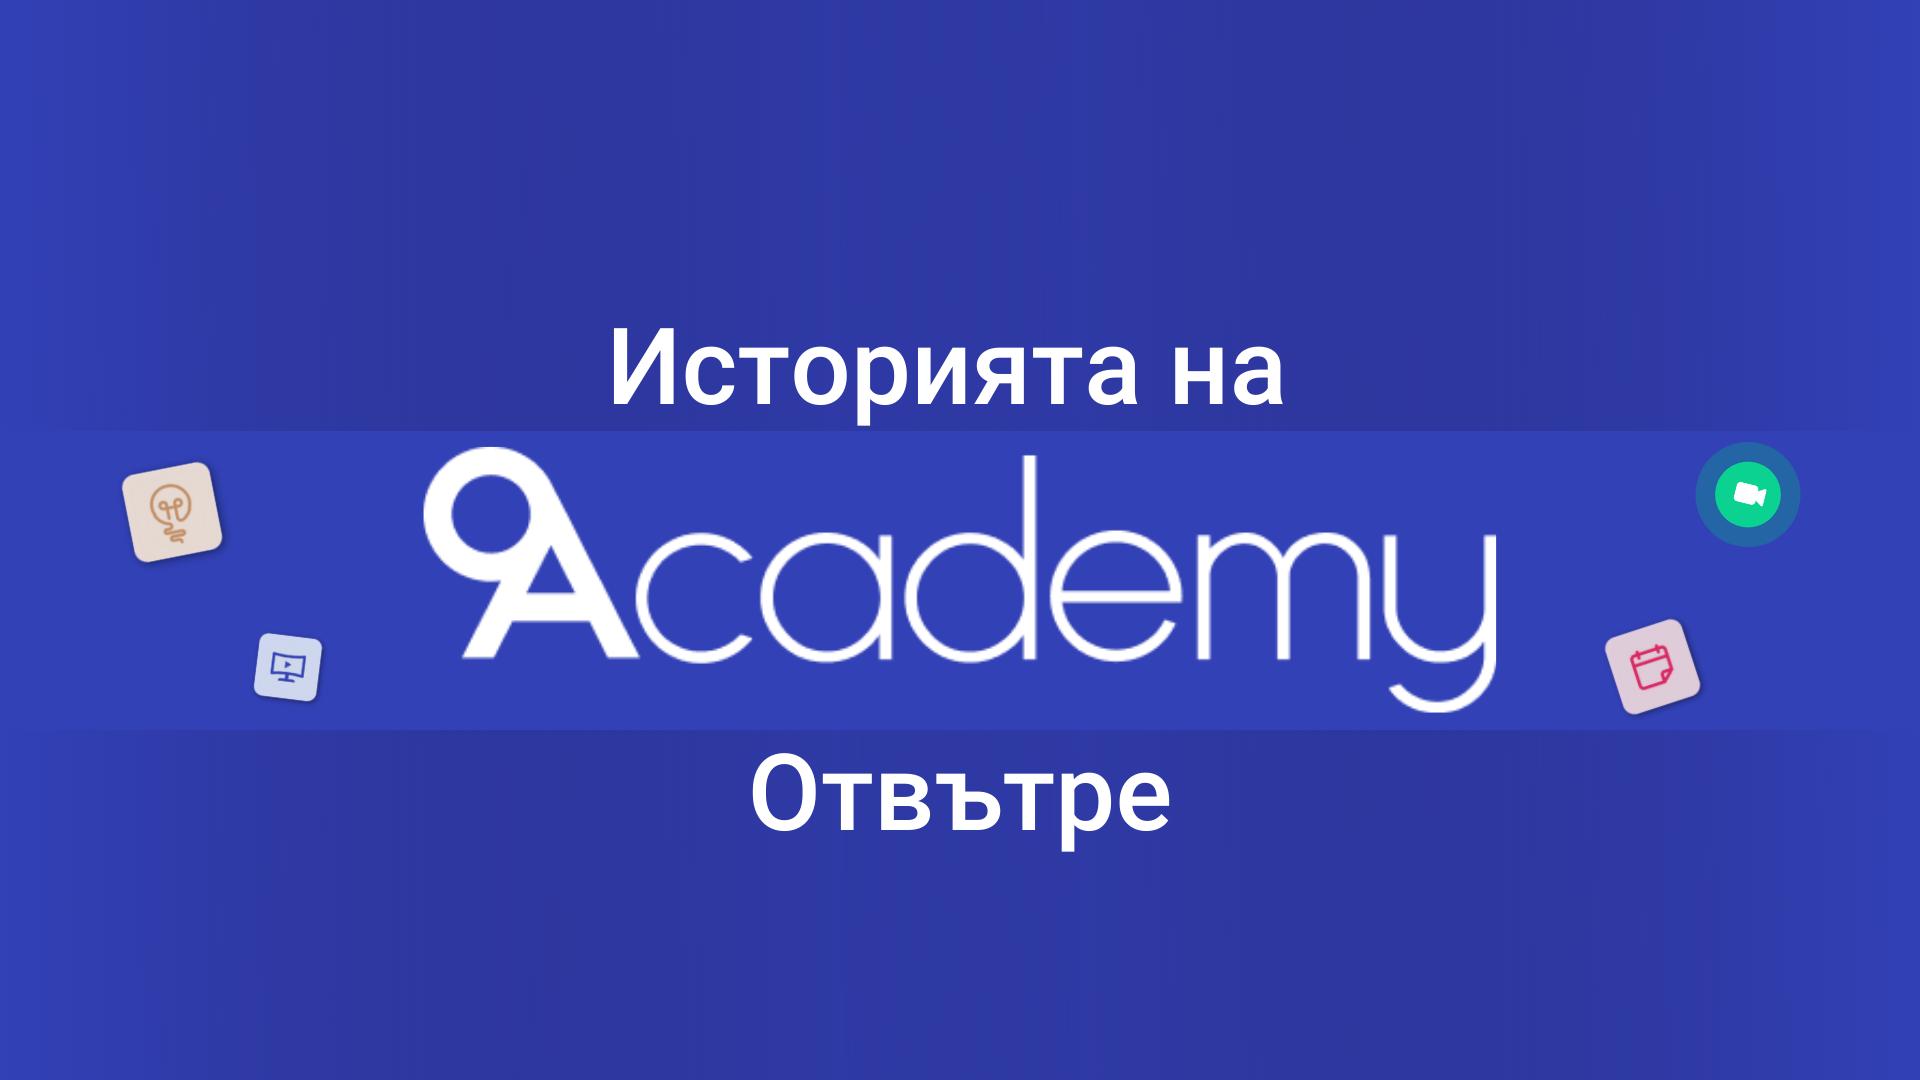 9Academy историята отвътре